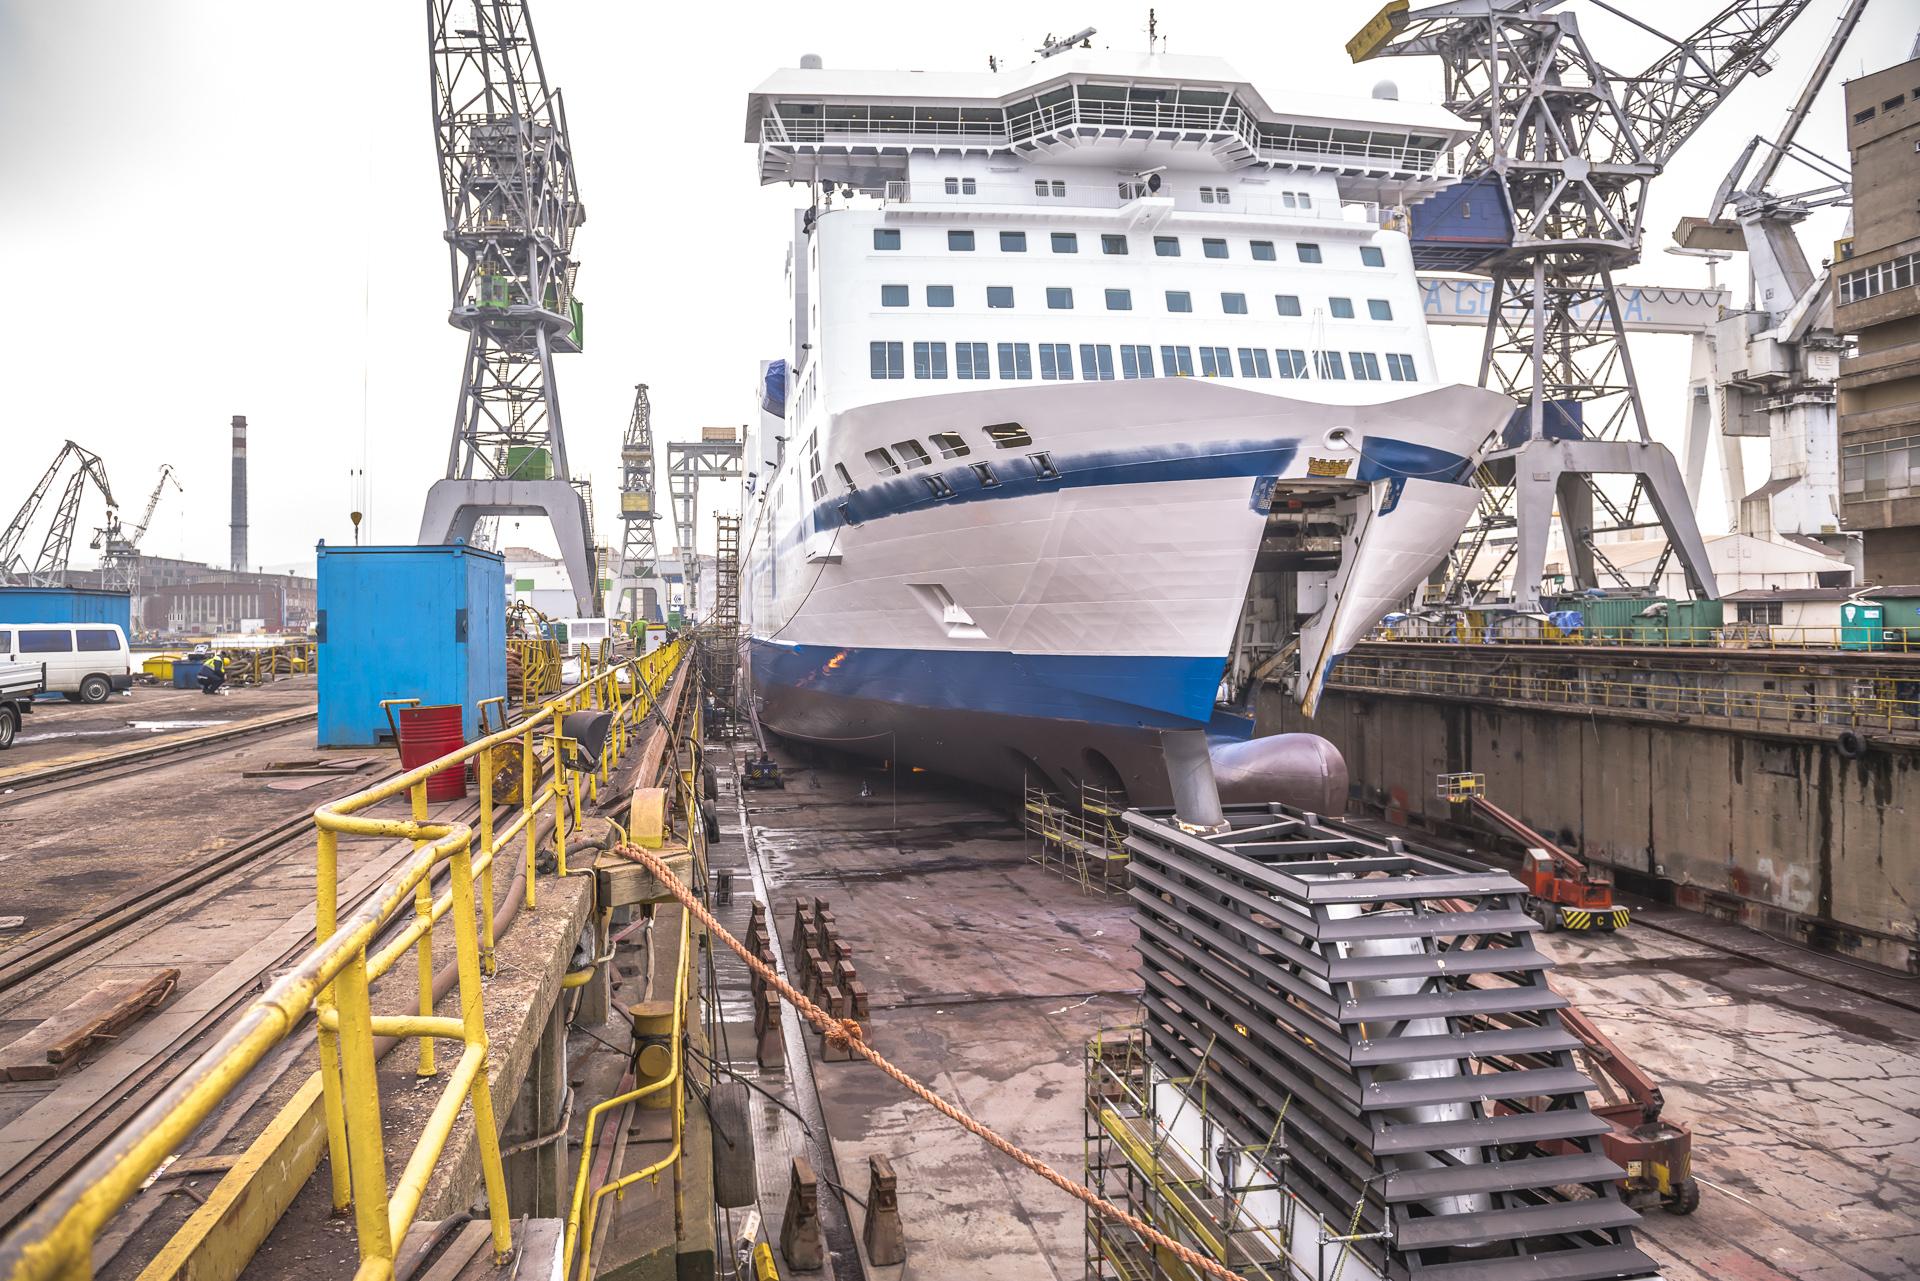 TT-LINE ropax vessel scrubber installation scheduled